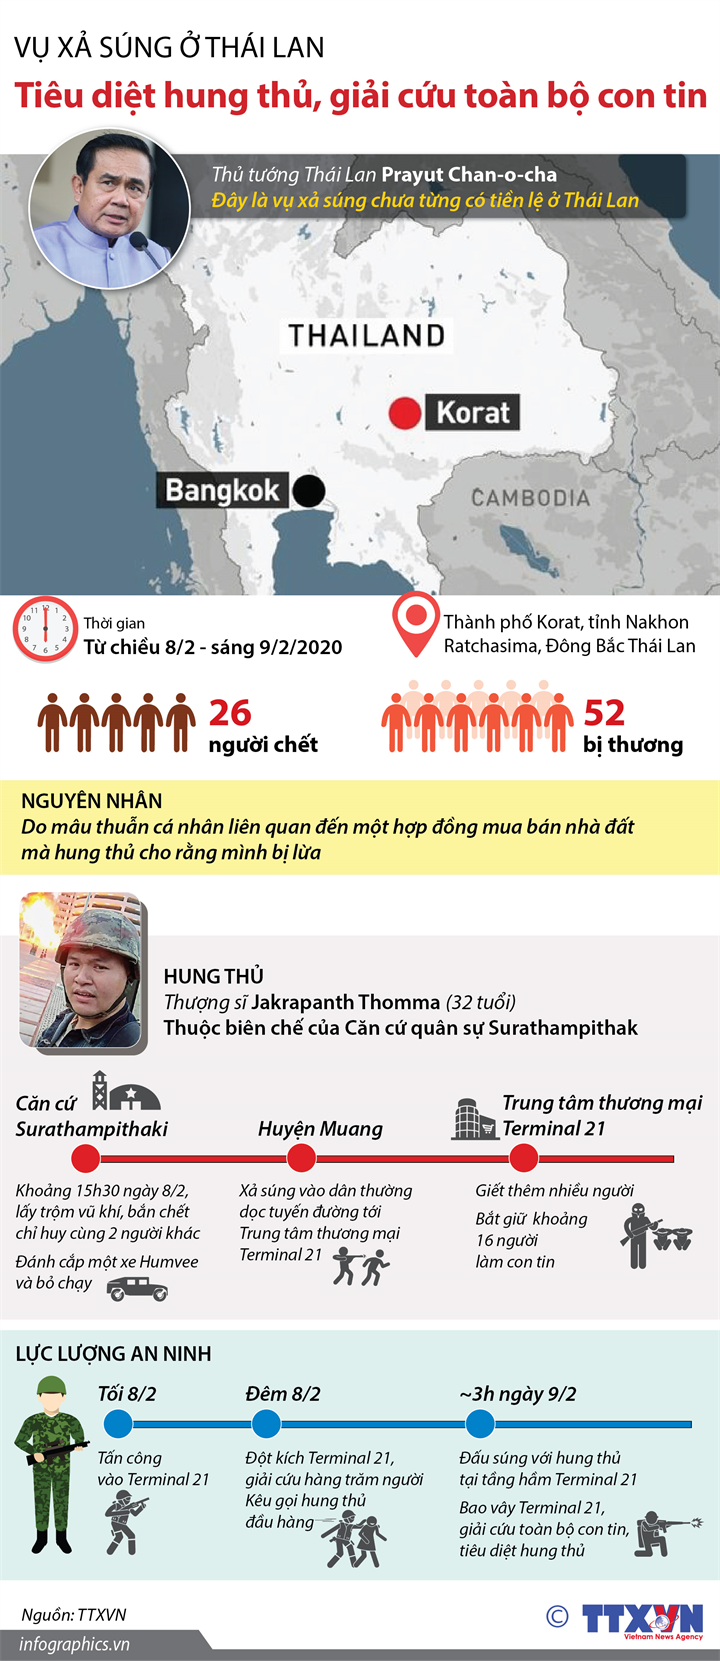 Vụ xả súng ở Thái Lan: Tiêu diệt hung thủ, giải cứu toàn bộ con tin